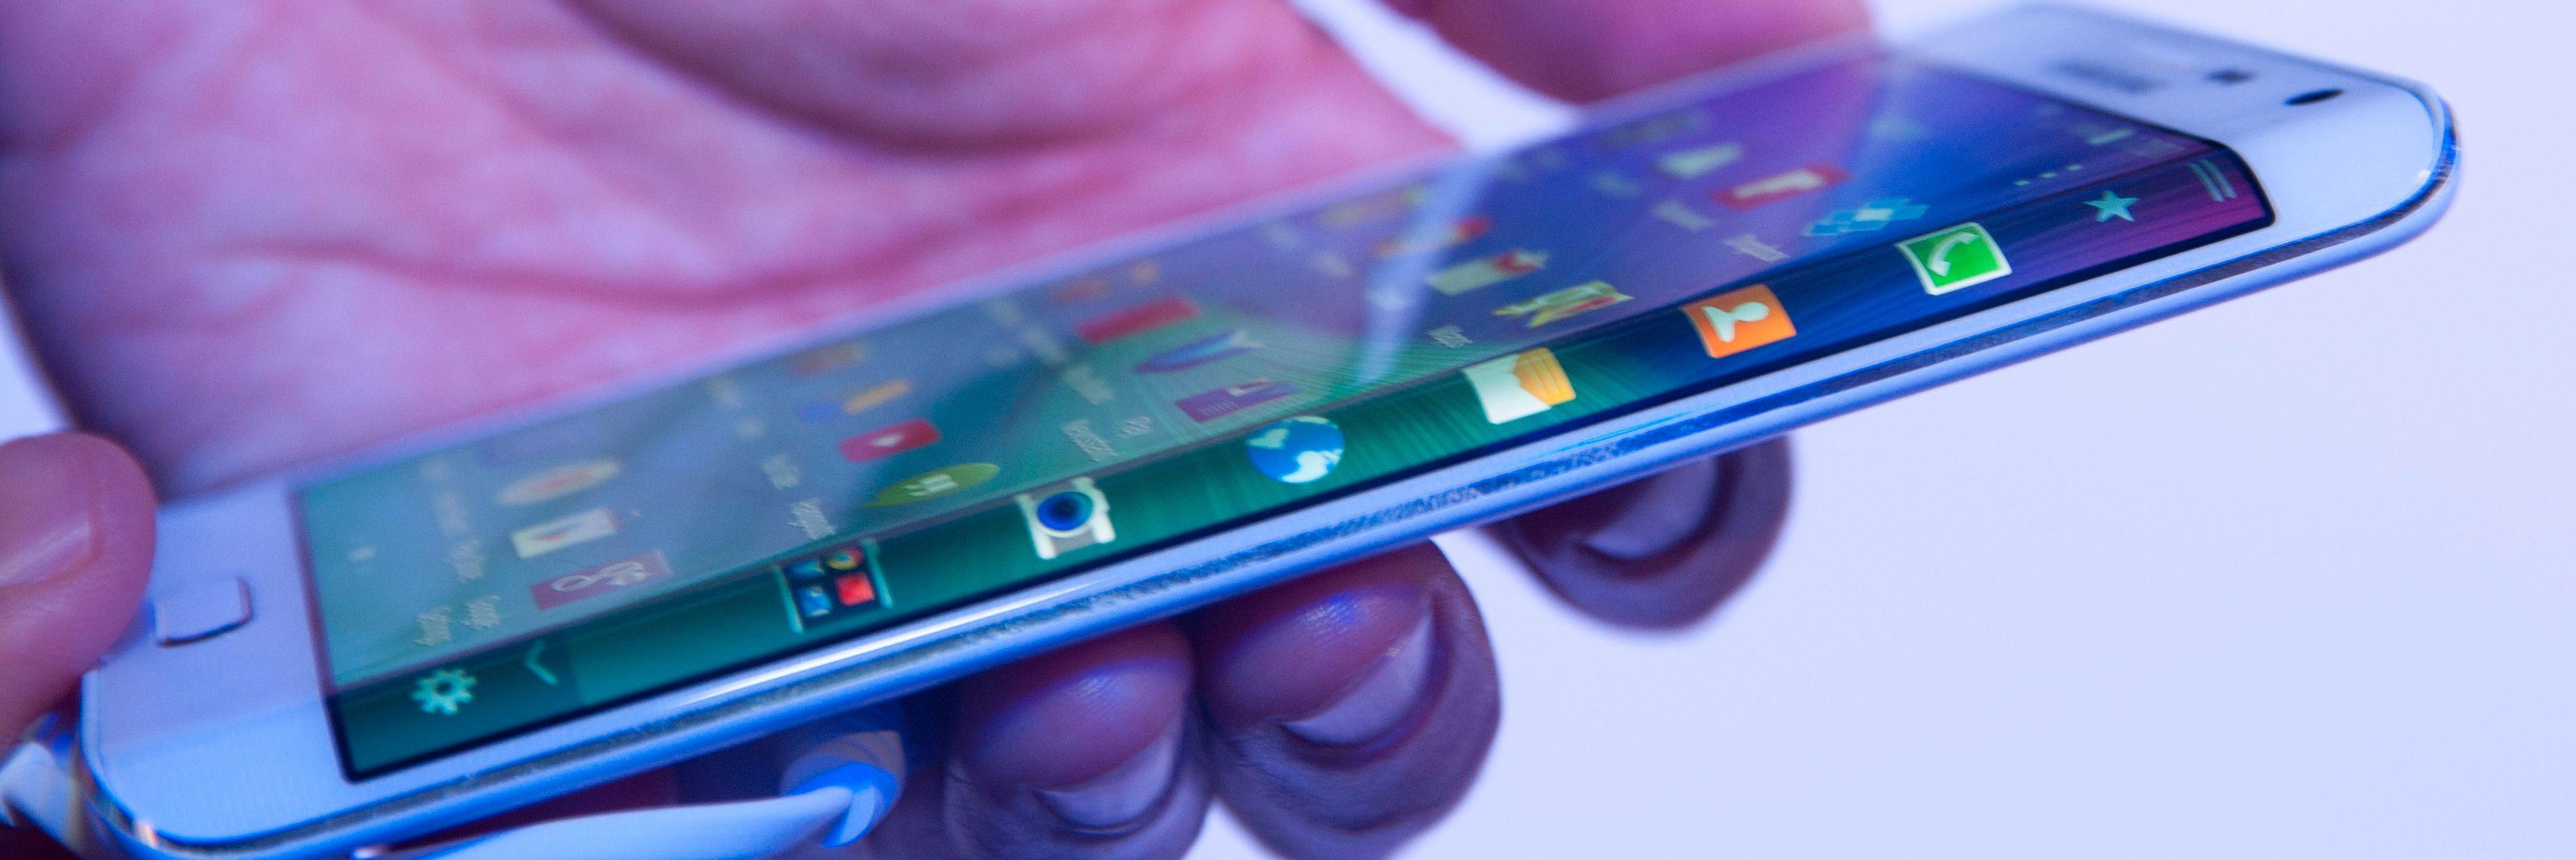 Galaxy Note Edge skal være hovedårsak til at Samsung setter utviklingen av bøyelige mobiler i høygir. Det hjelper nok også å vite at LG jakter på den samme milepælen.Foto: Finn Jarle Kvalheim, Tek.no